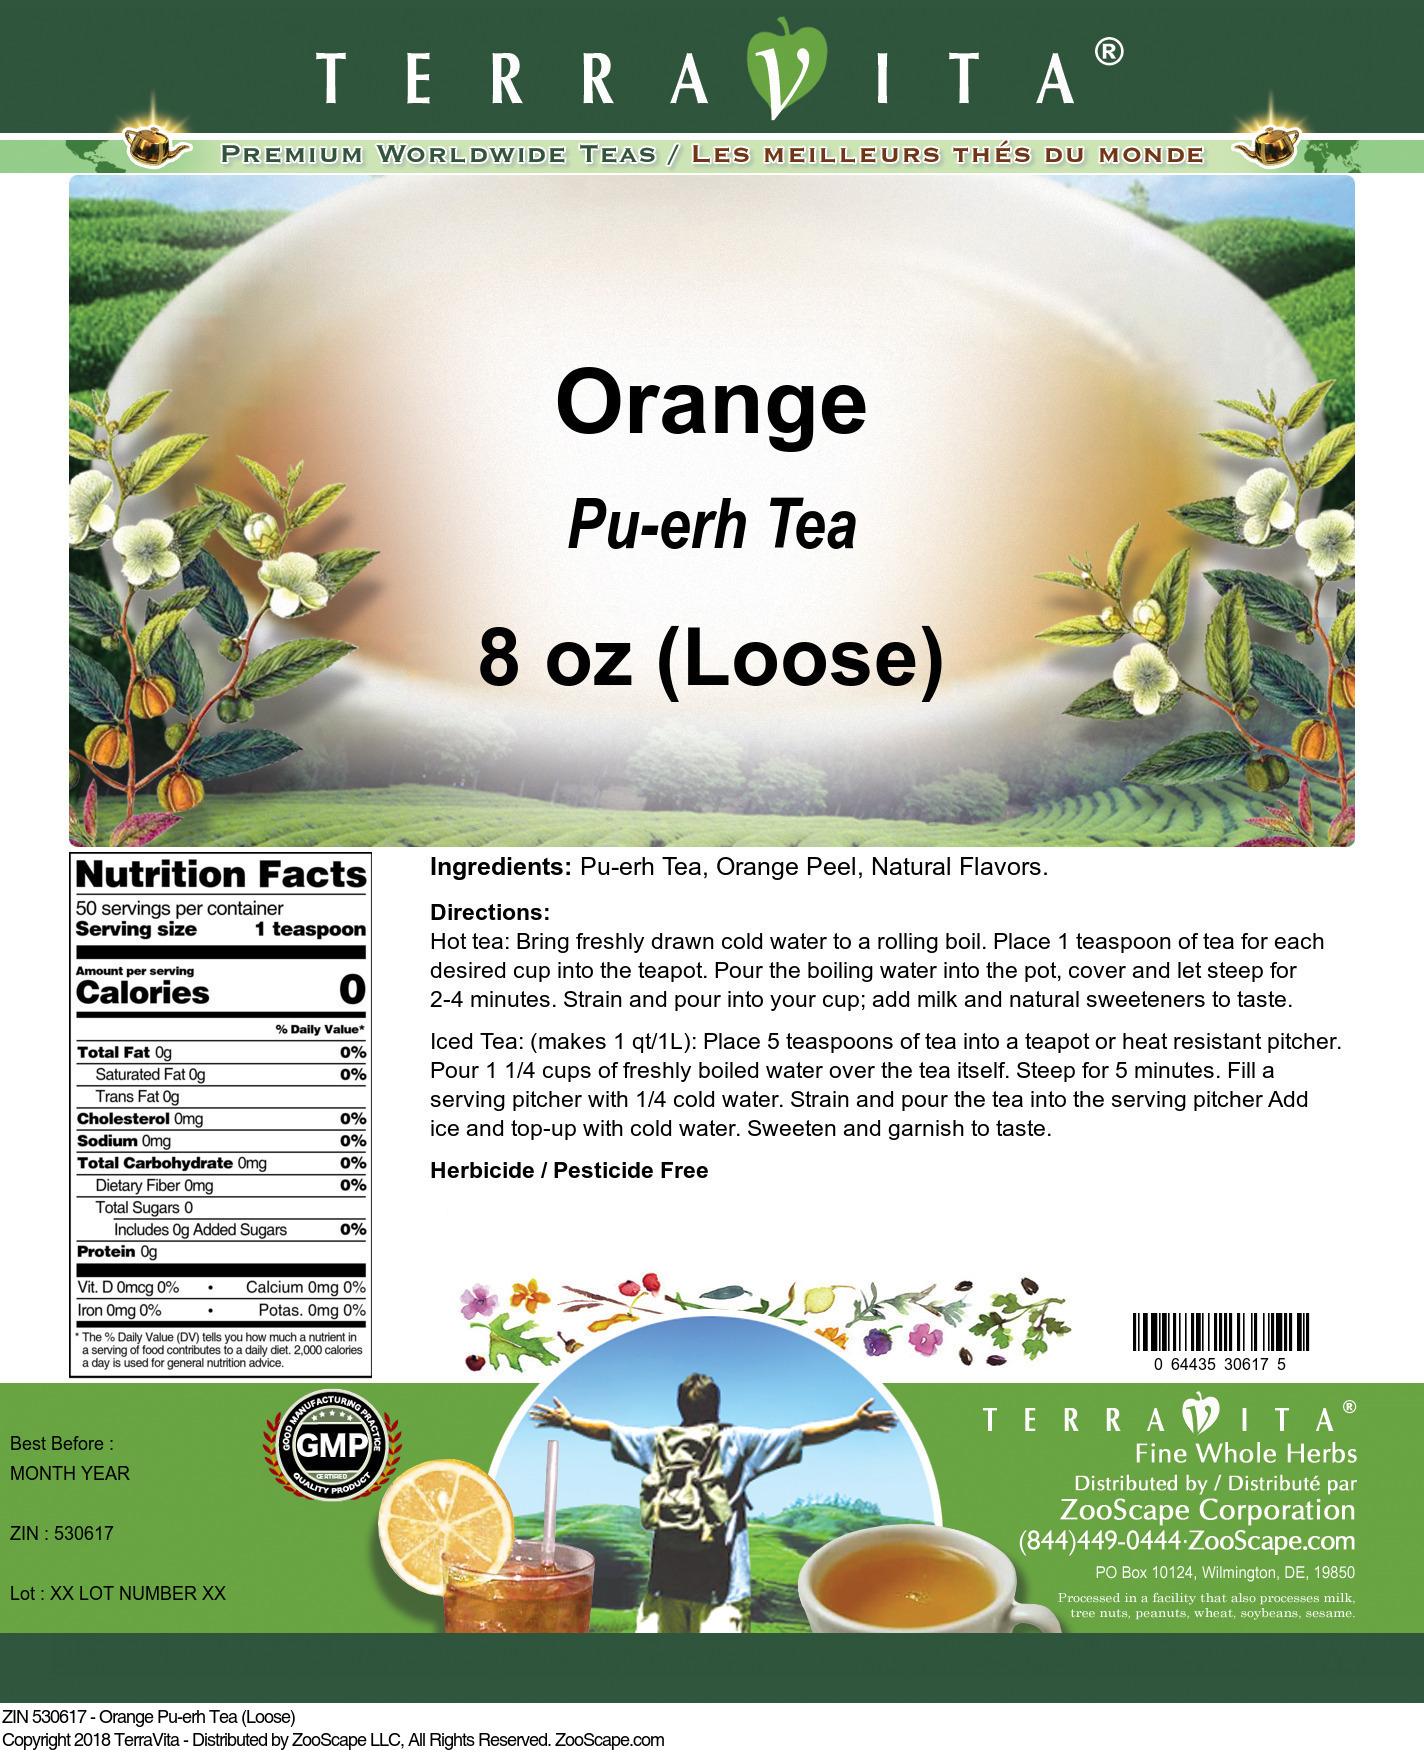 Orange Pu-erh Tea (Loose)